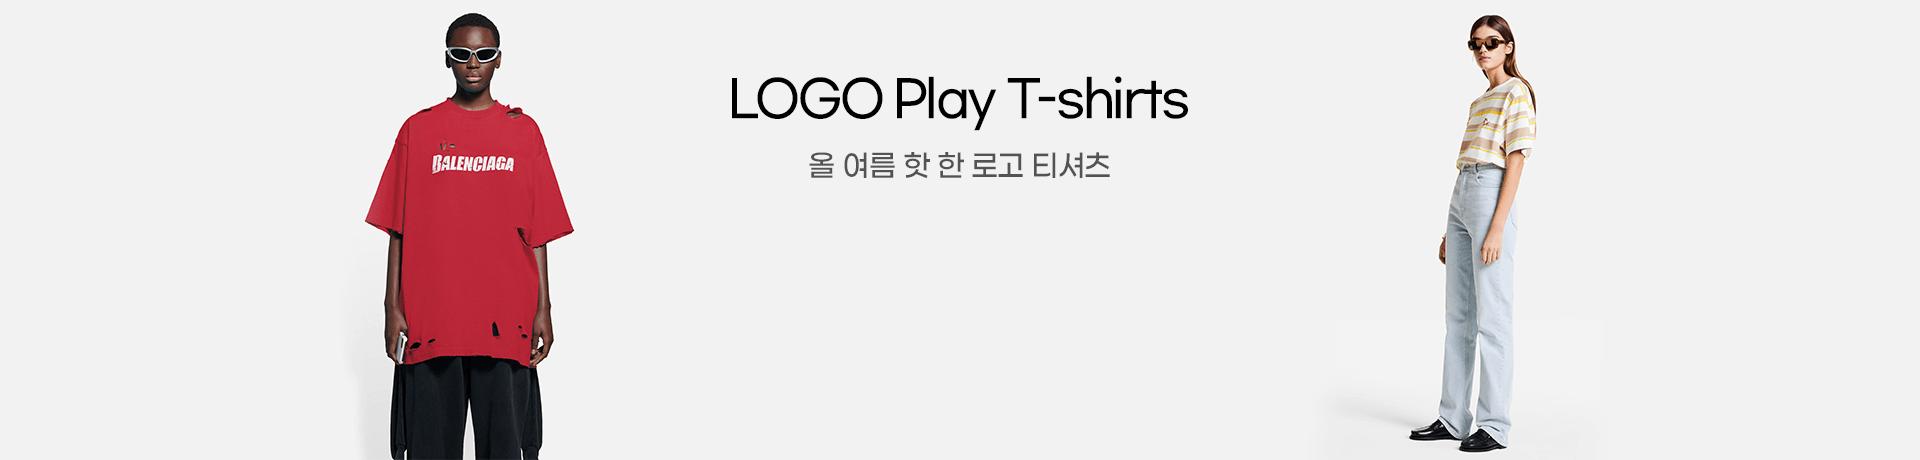 210614_sy_logo-play_pc_f2f2f2_v2